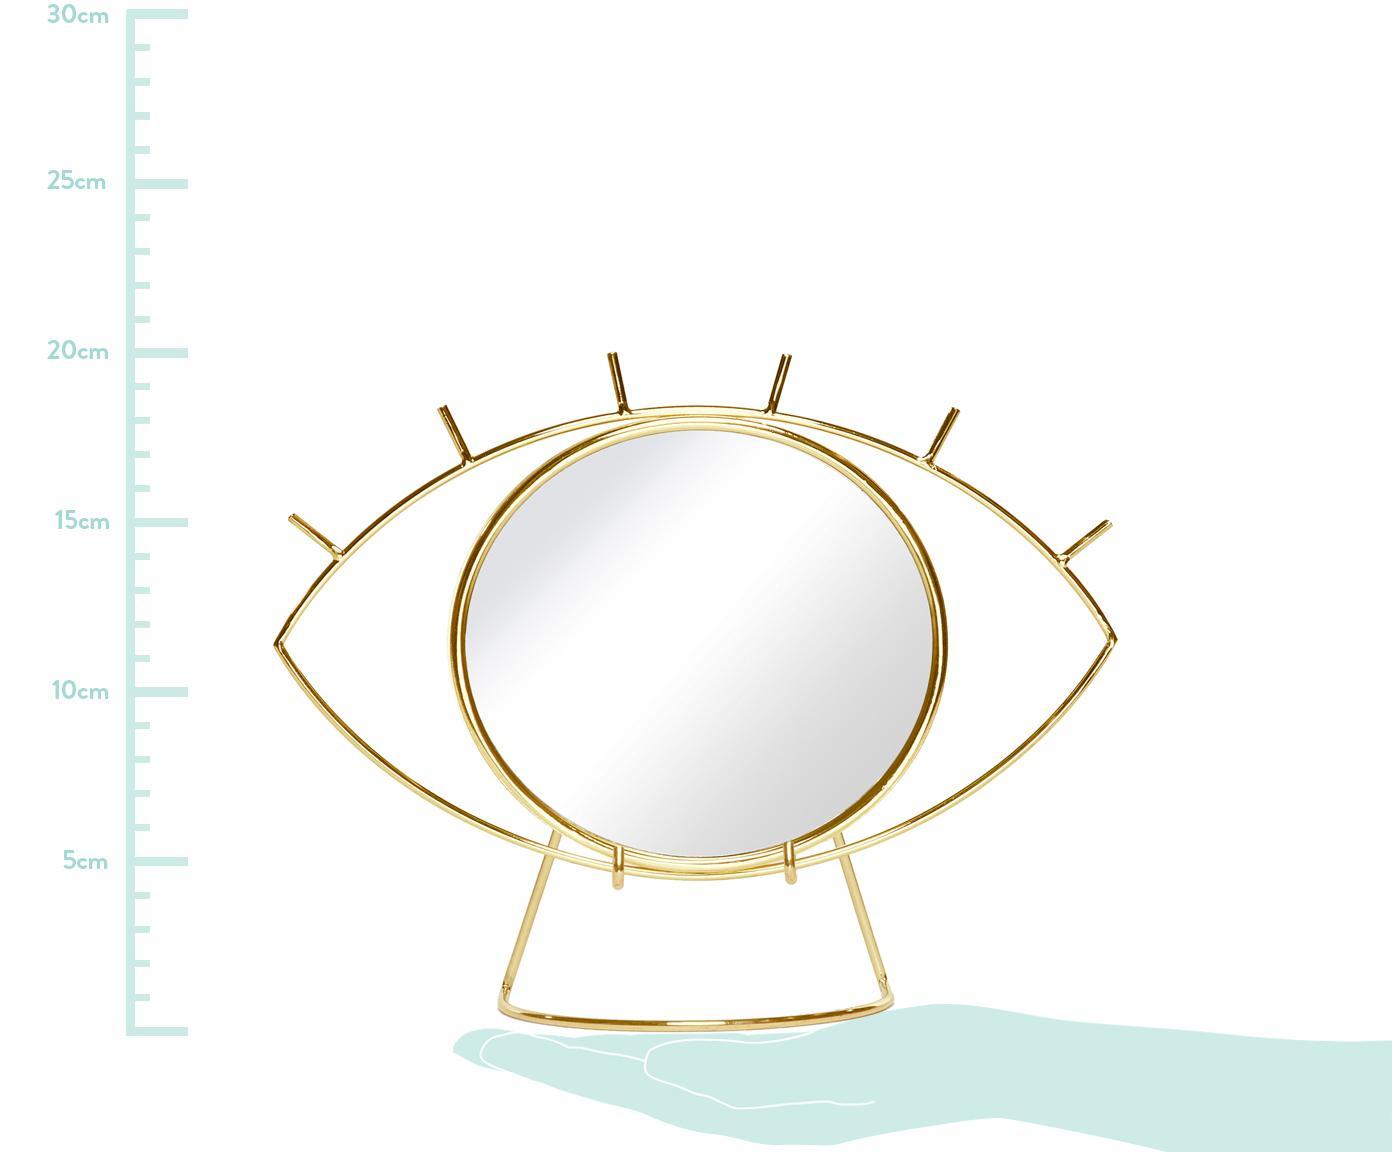 Kosmetikspiegel Lashes, Rahmen: Edelstahl, beschichtet, Spiegelfläche: Spiegelglas, Rahmen: GoldfarbenSpiegelfläche: Spiegelglas, 26 x 20 cm